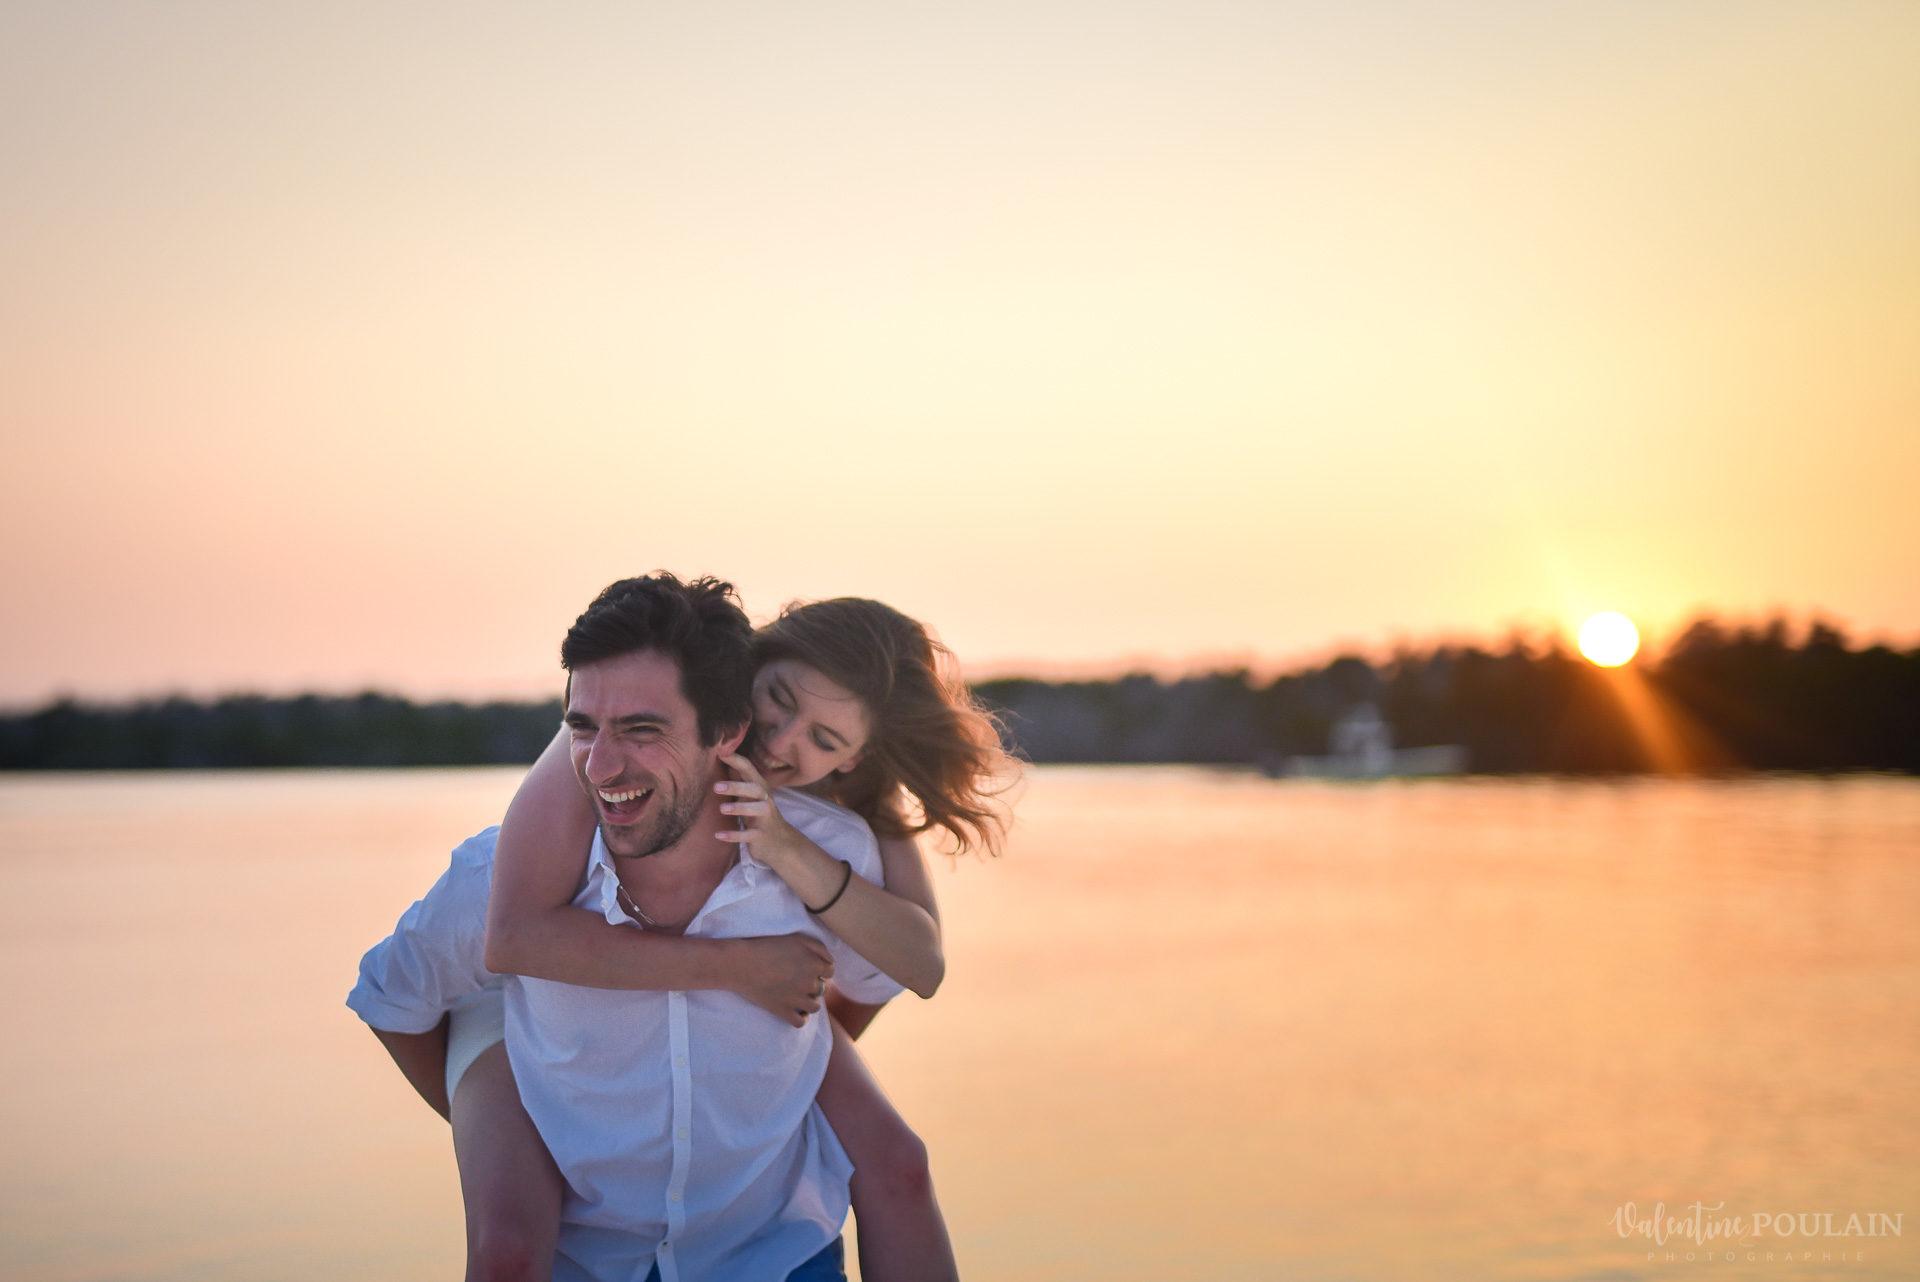 Couple Miam Keys Florida - Valentine Poulain sunset